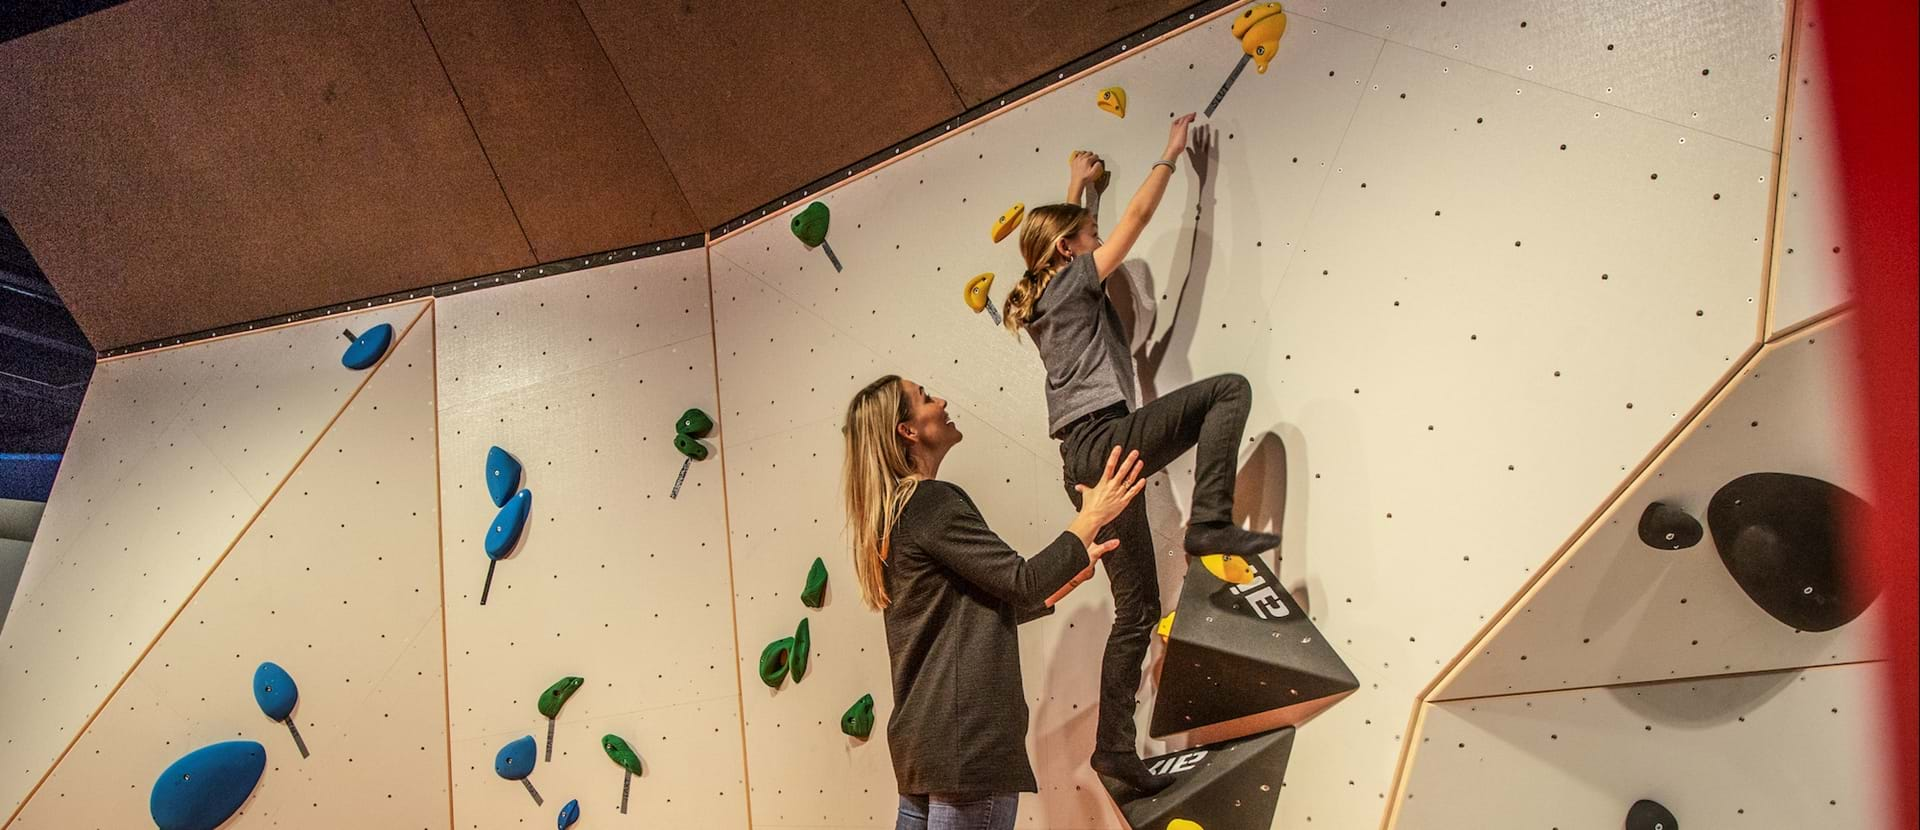 Testcentret Bouldering - Foto: David Trood